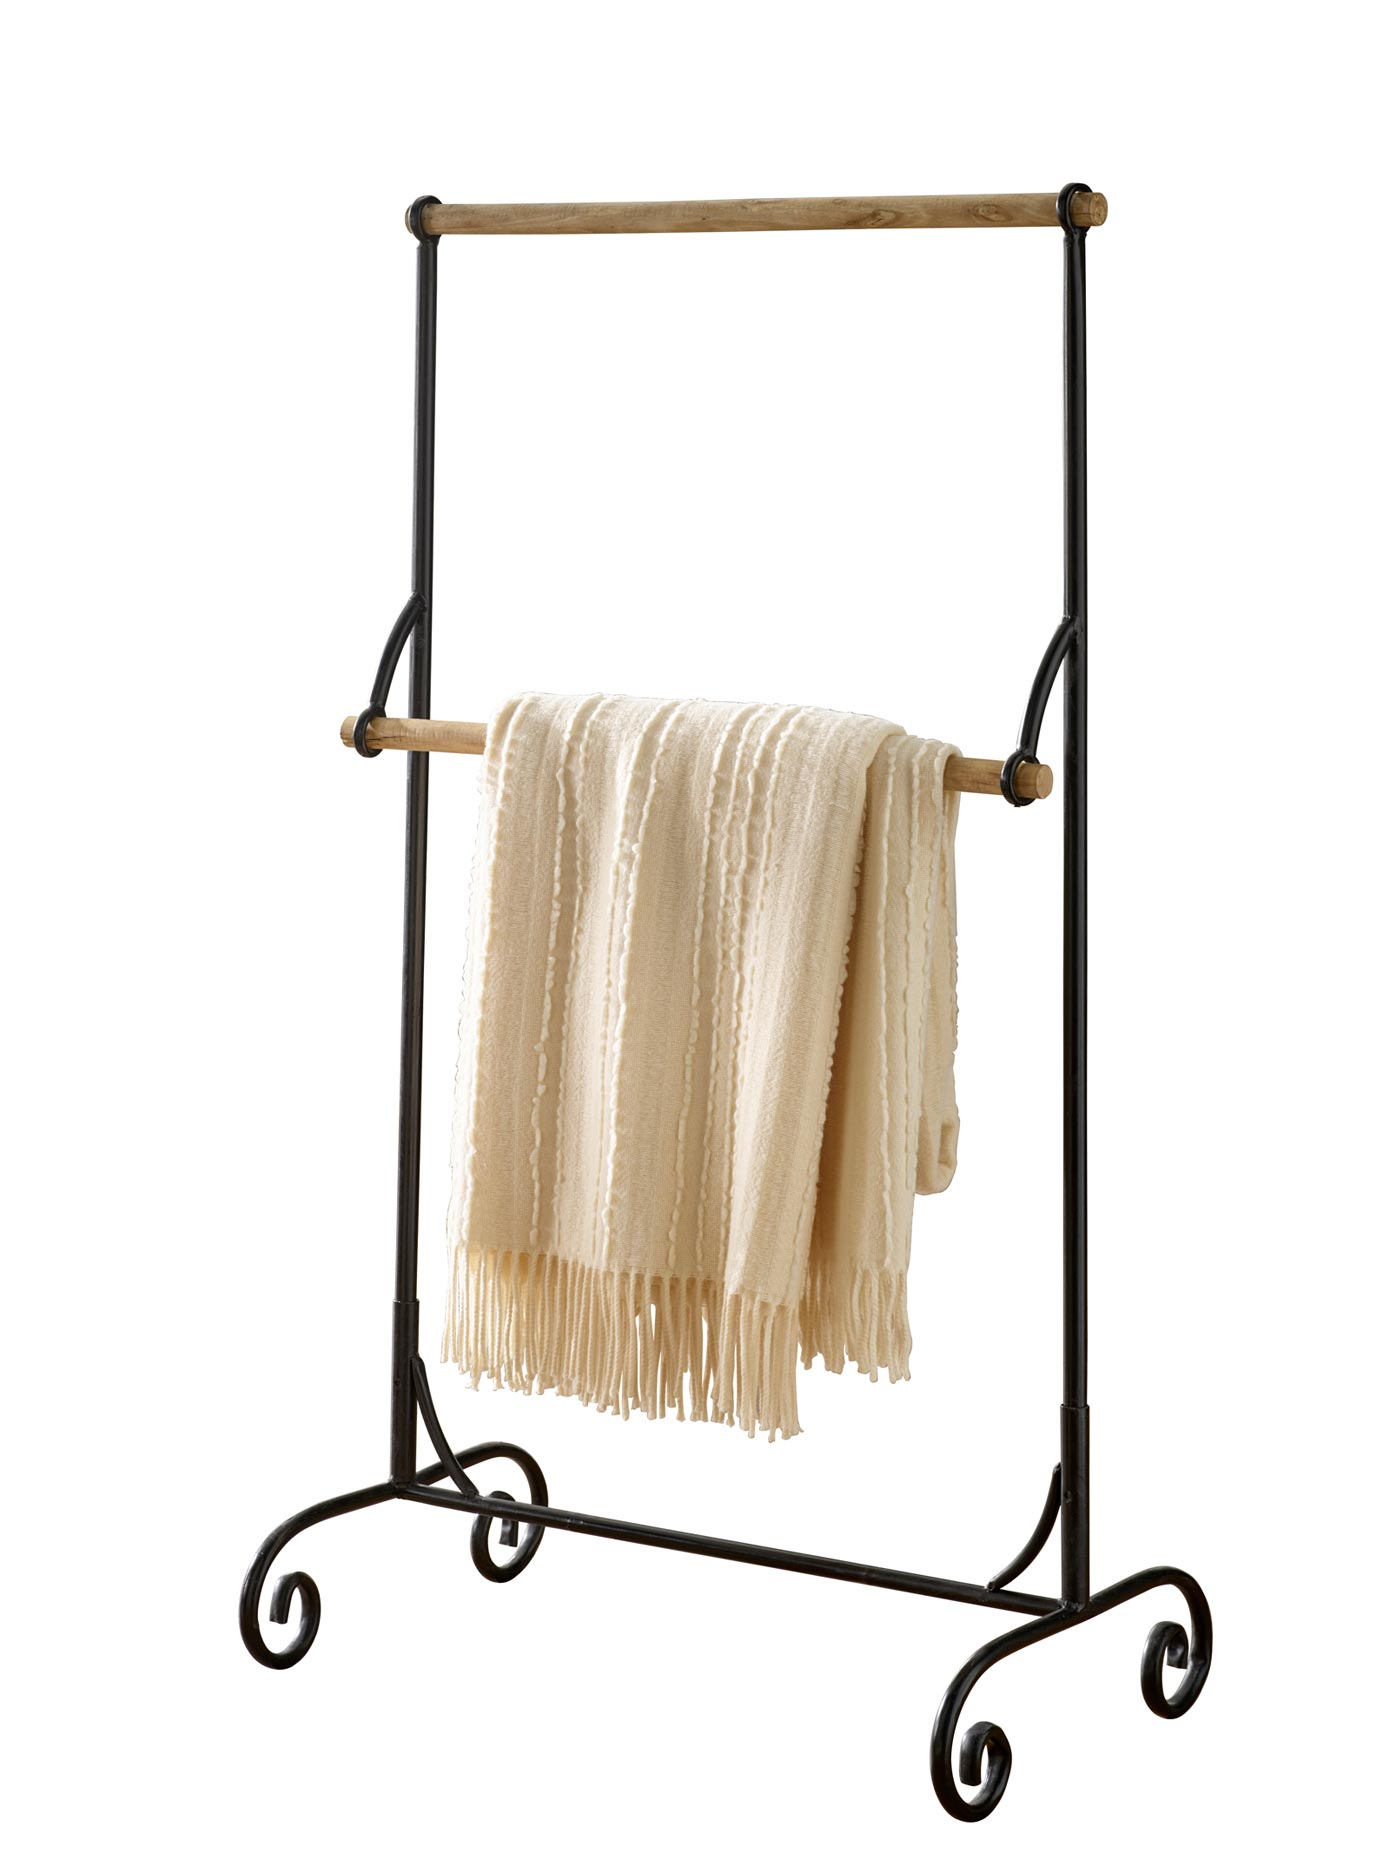 heine home Kleiderständer schwarz Kleideraufbewahrung Aufbewahrung Ordnung Wohnaccessoires